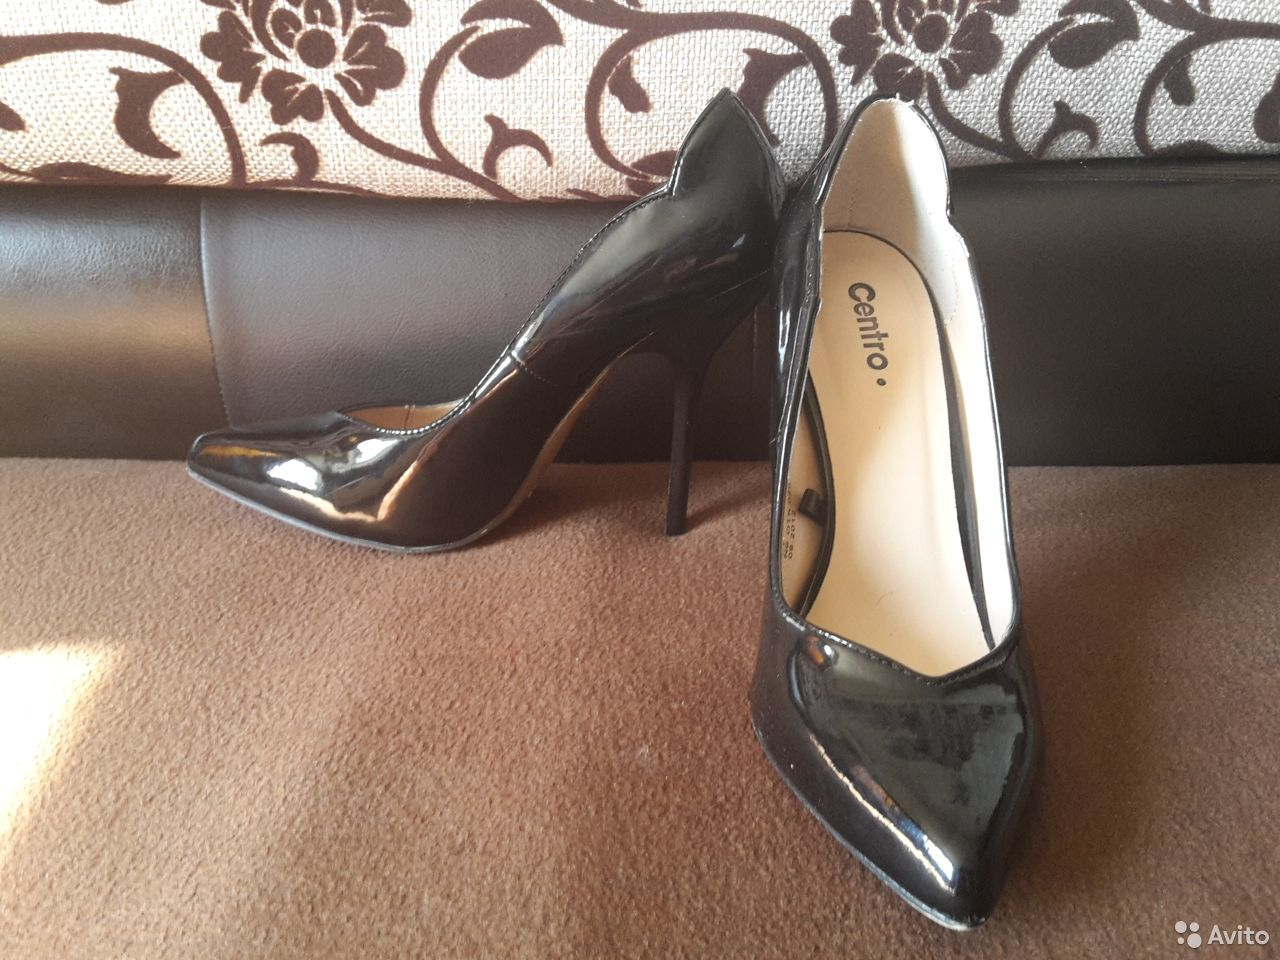 Schuhe  89103184111 kaufen 1